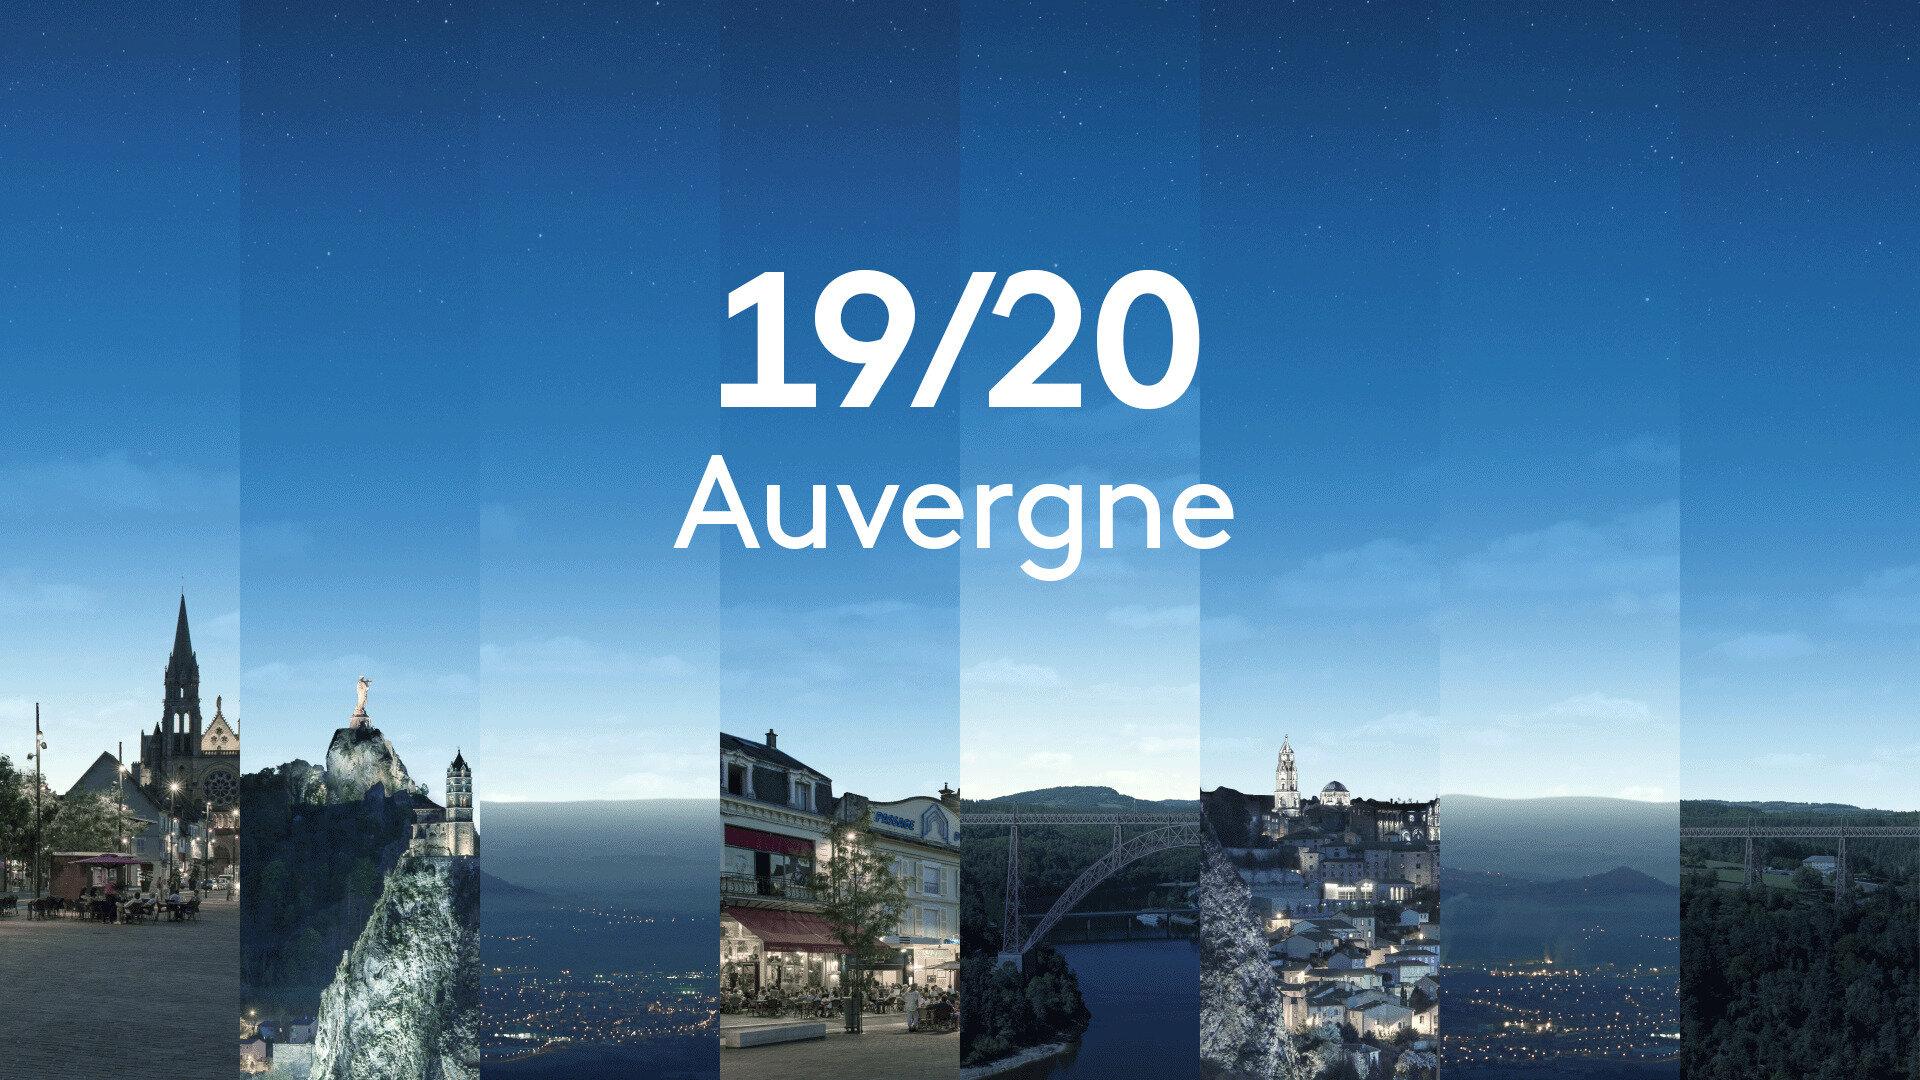 19/20 Auvergne